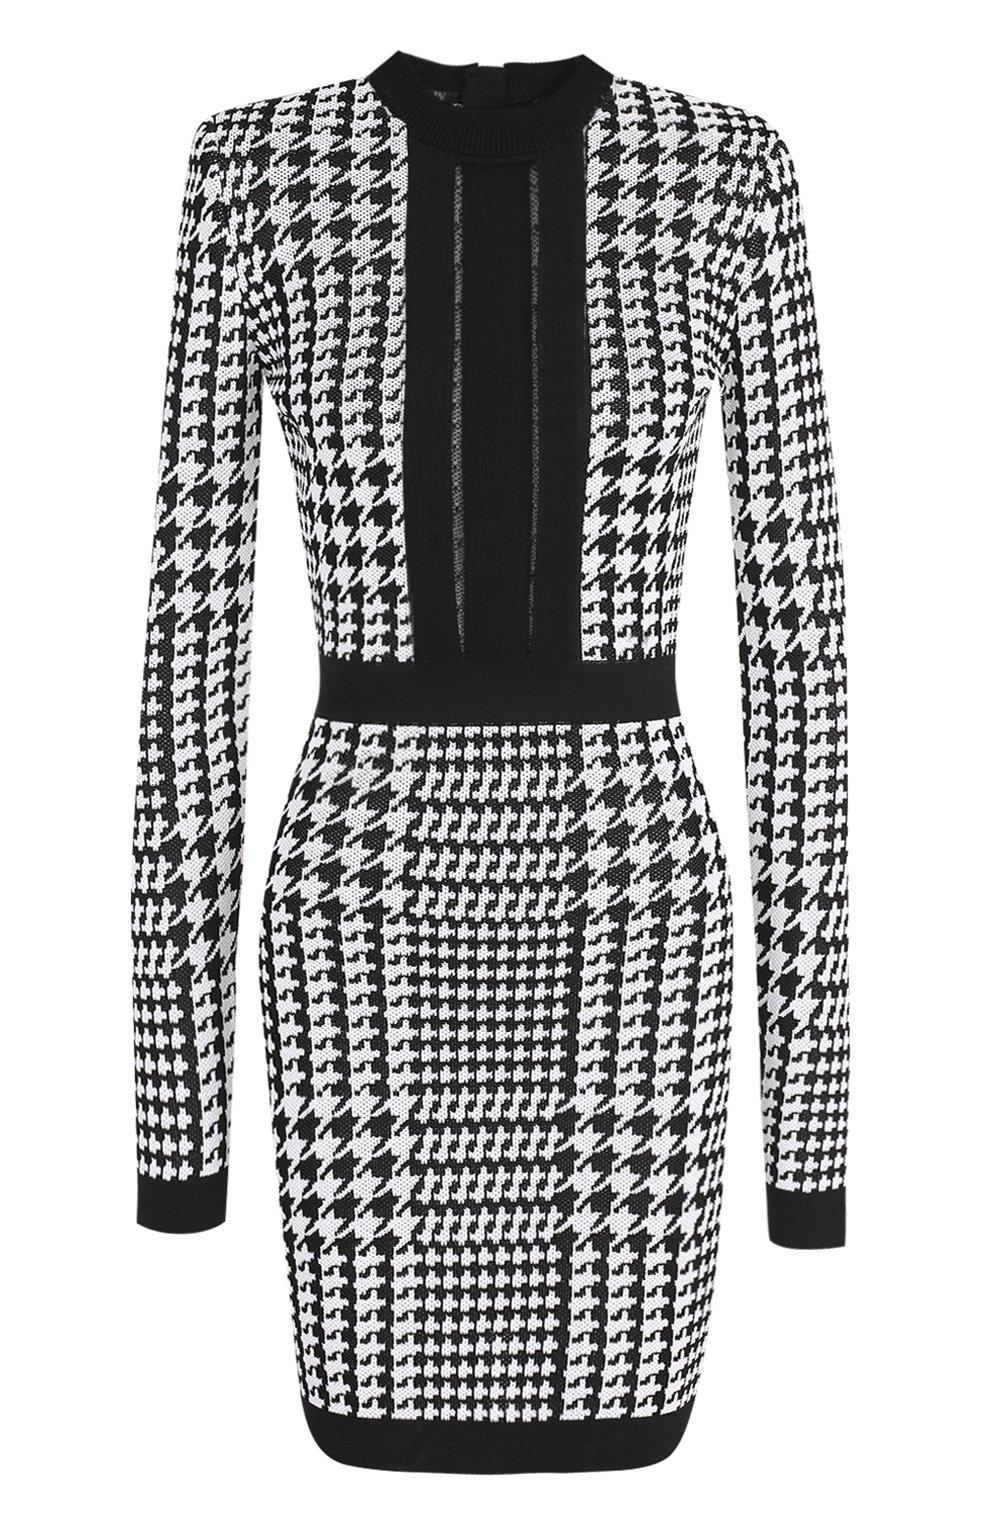 c7fc33bb97ee217 Платье-футляр с прозрачной вставкой и принтом гусиная лапка Balmain  черно-белое   Фото